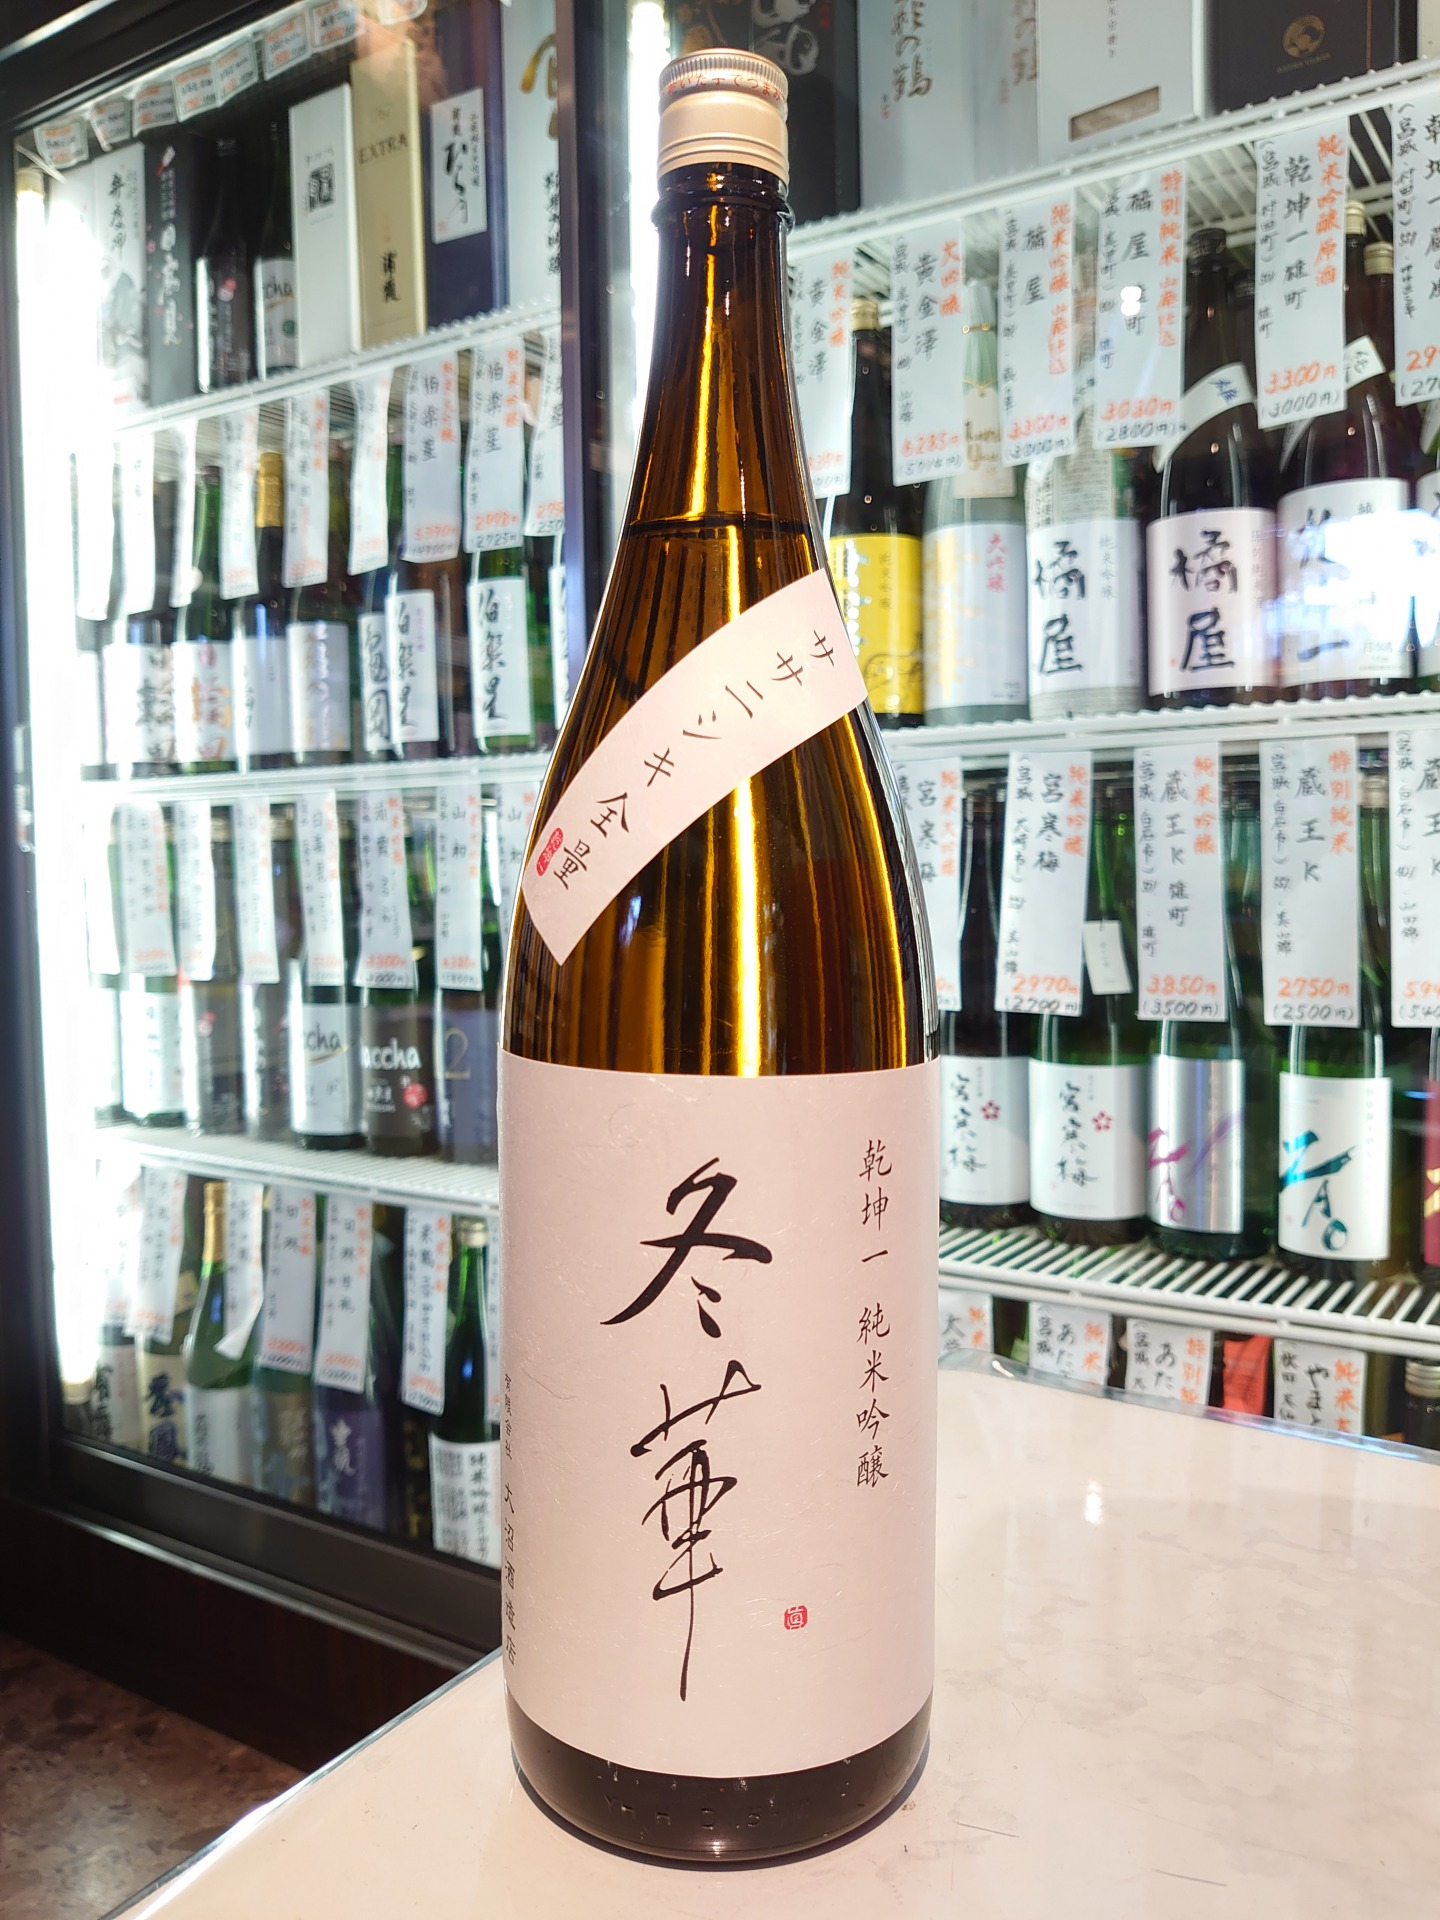 乾坤一 純米吟醸原酒 冬華 1.8L